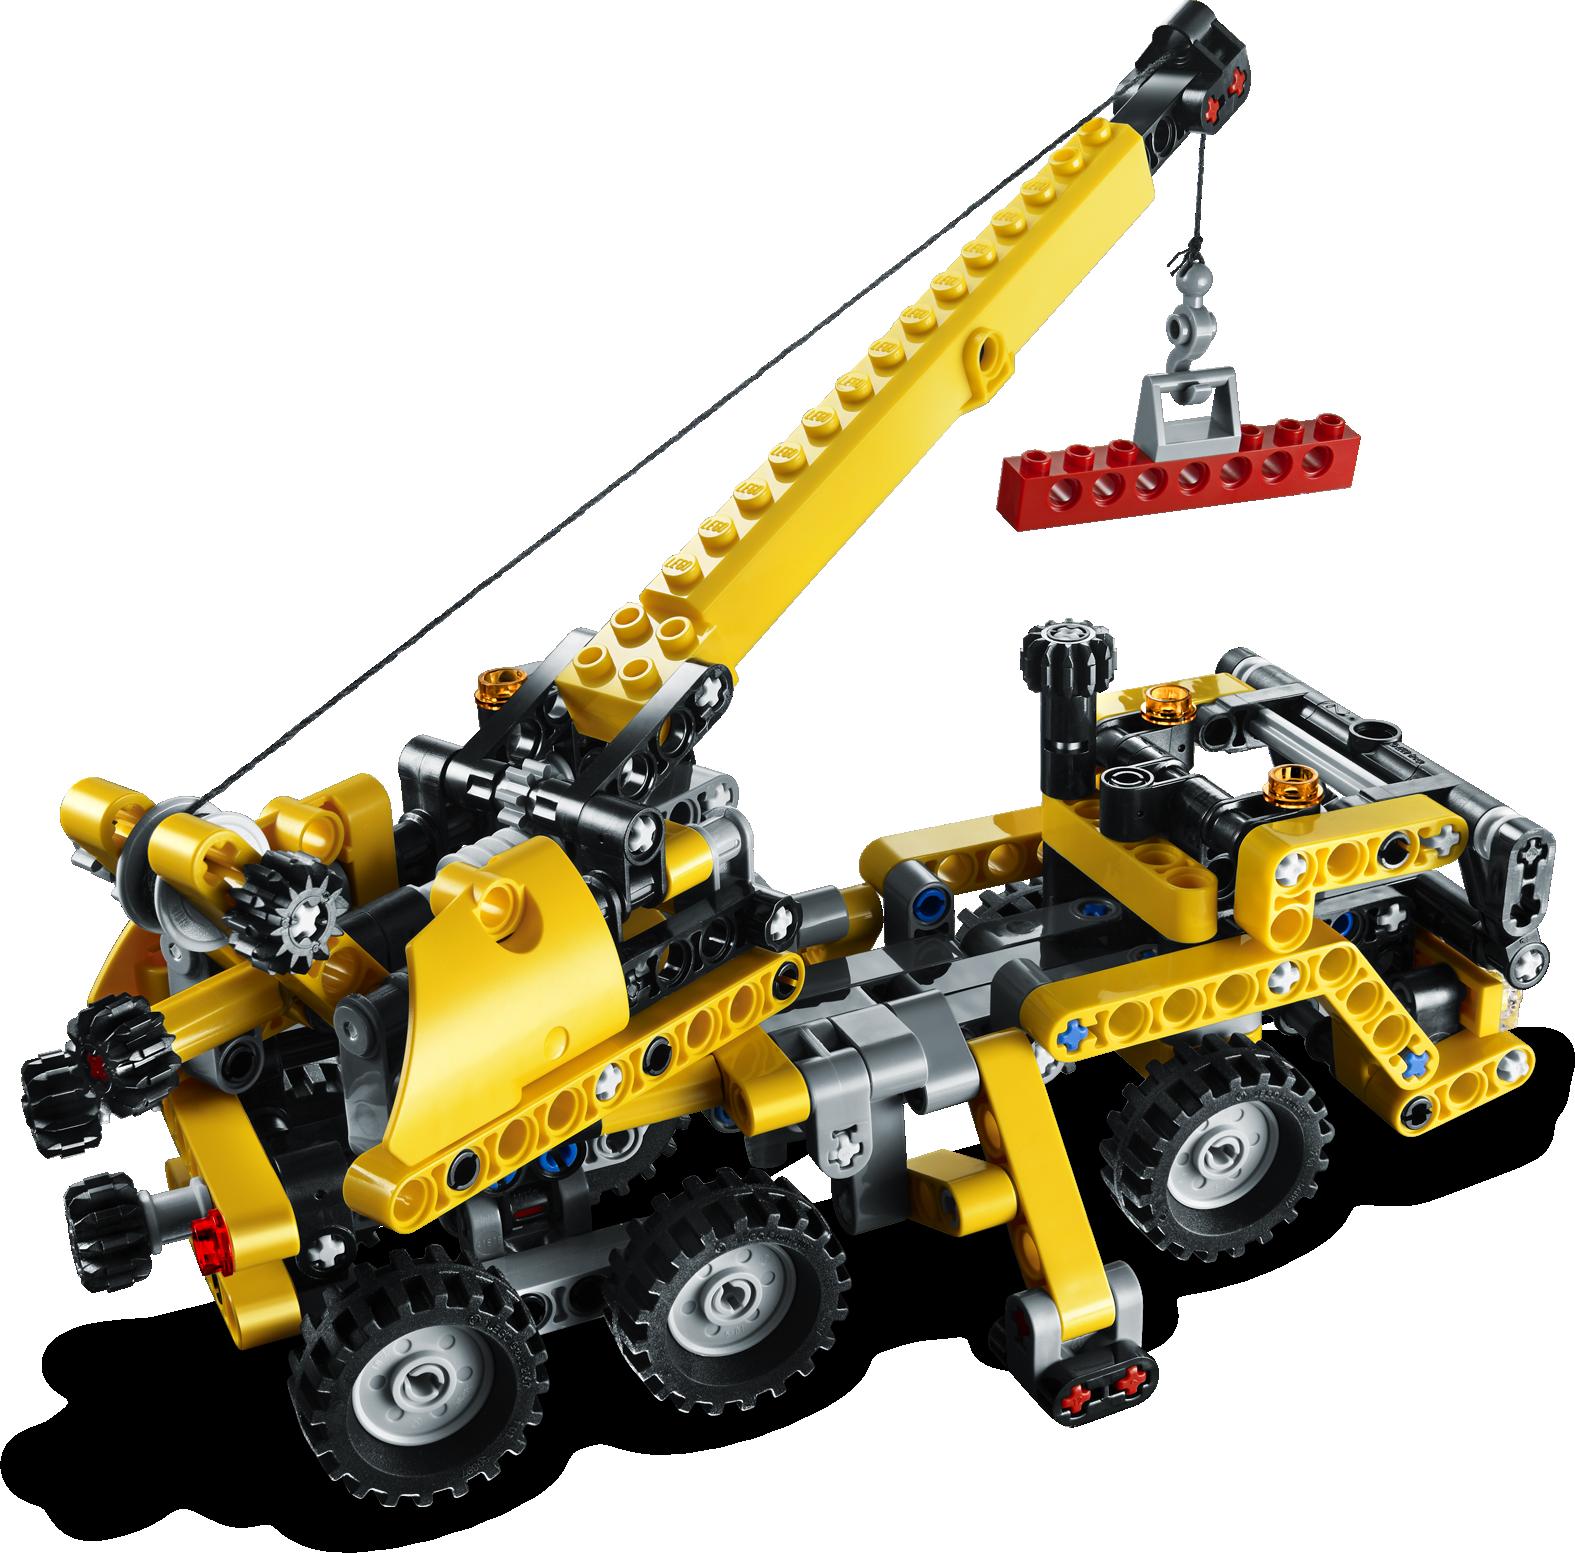 Mini Mobile Crane